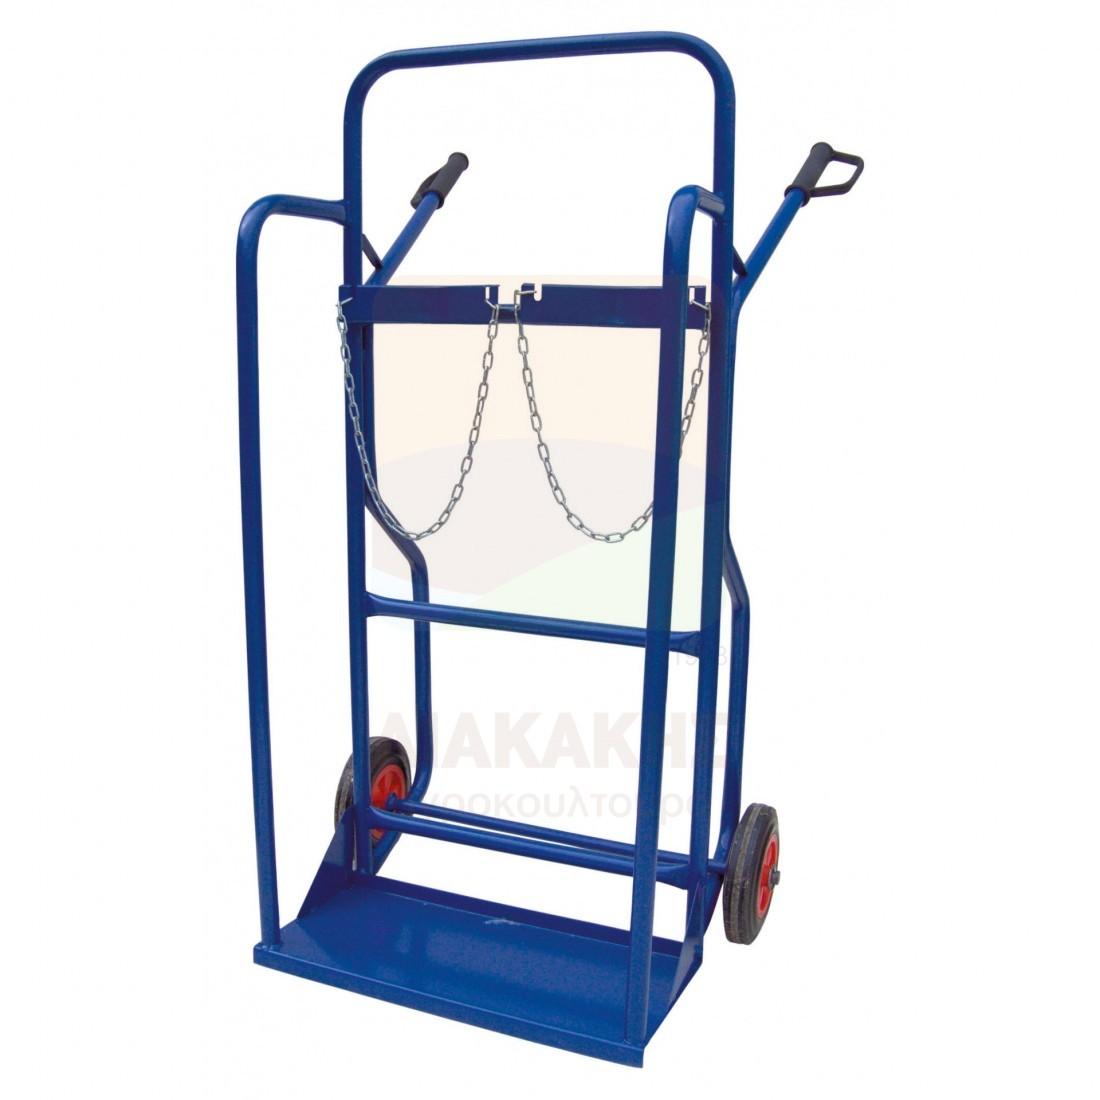 Δίτροχο καρότσι μεταφοράς για μπουκάλες οξυγόνου 1014 DENAXAS